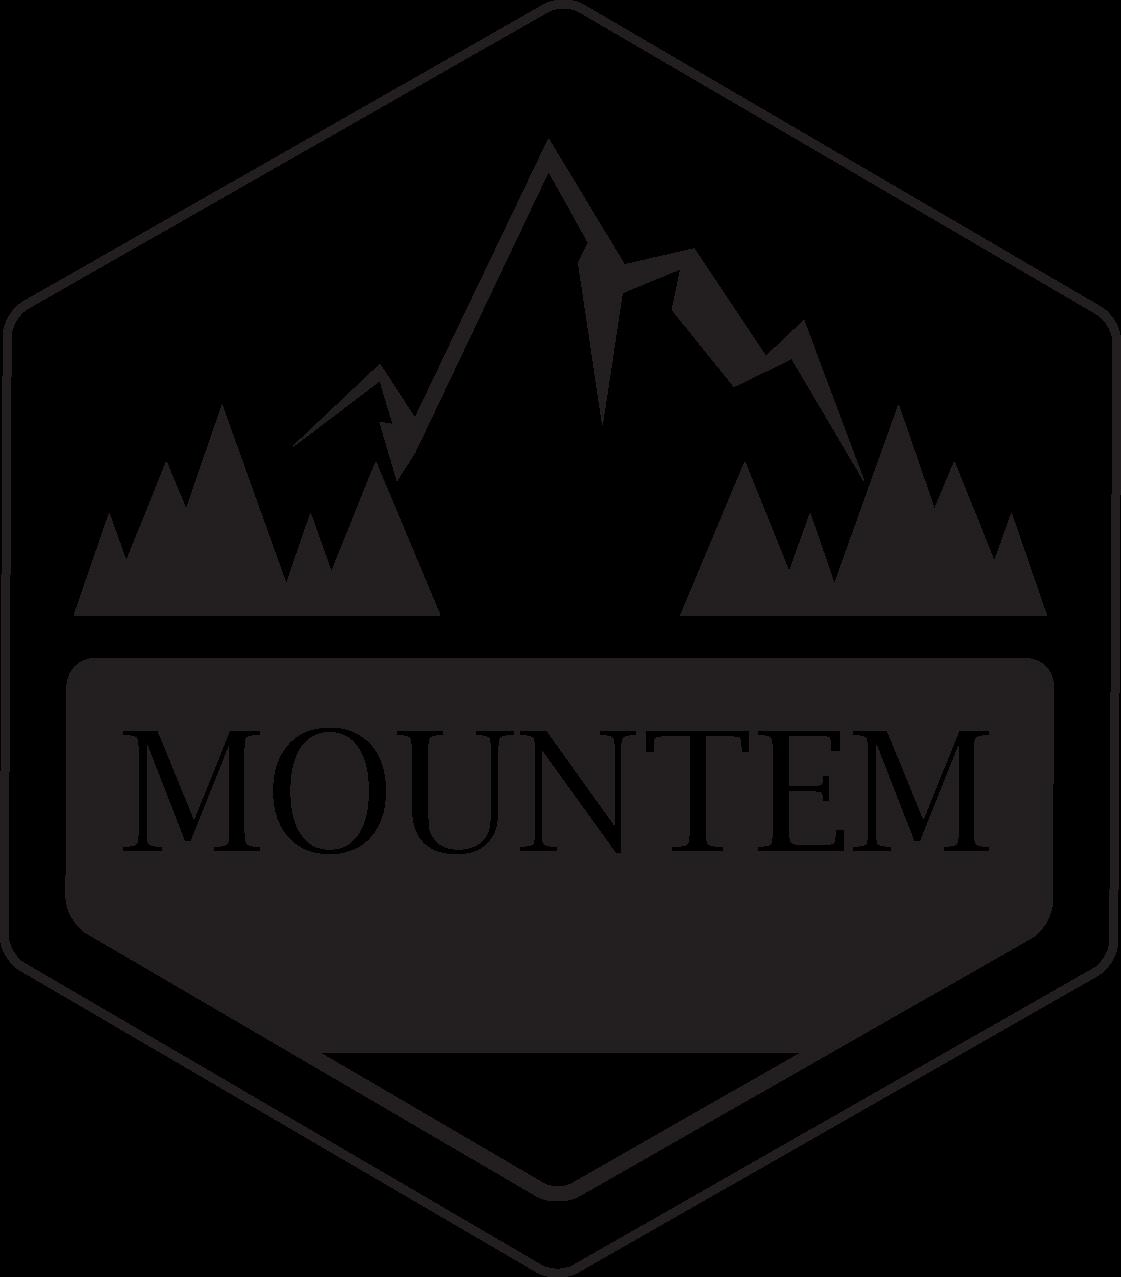 Mountem